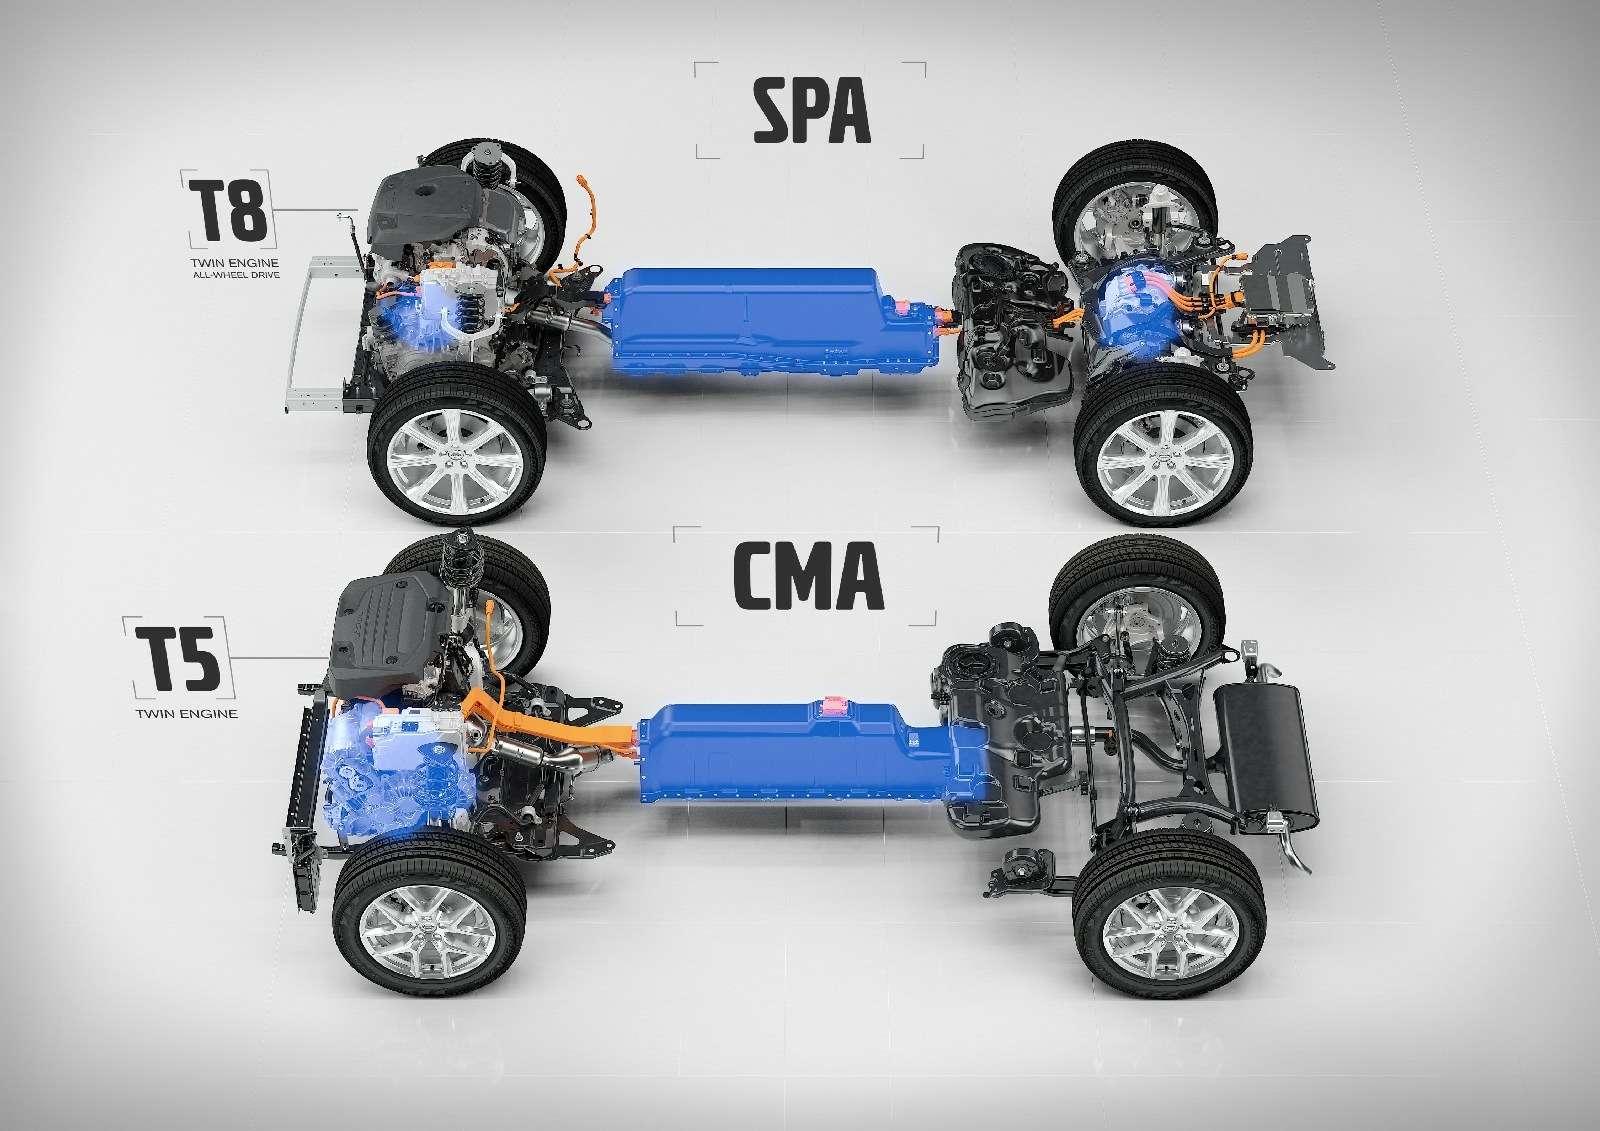 Двараза по40: Volvo анонсировала новое семейство концептуальным дублем— фото 588969